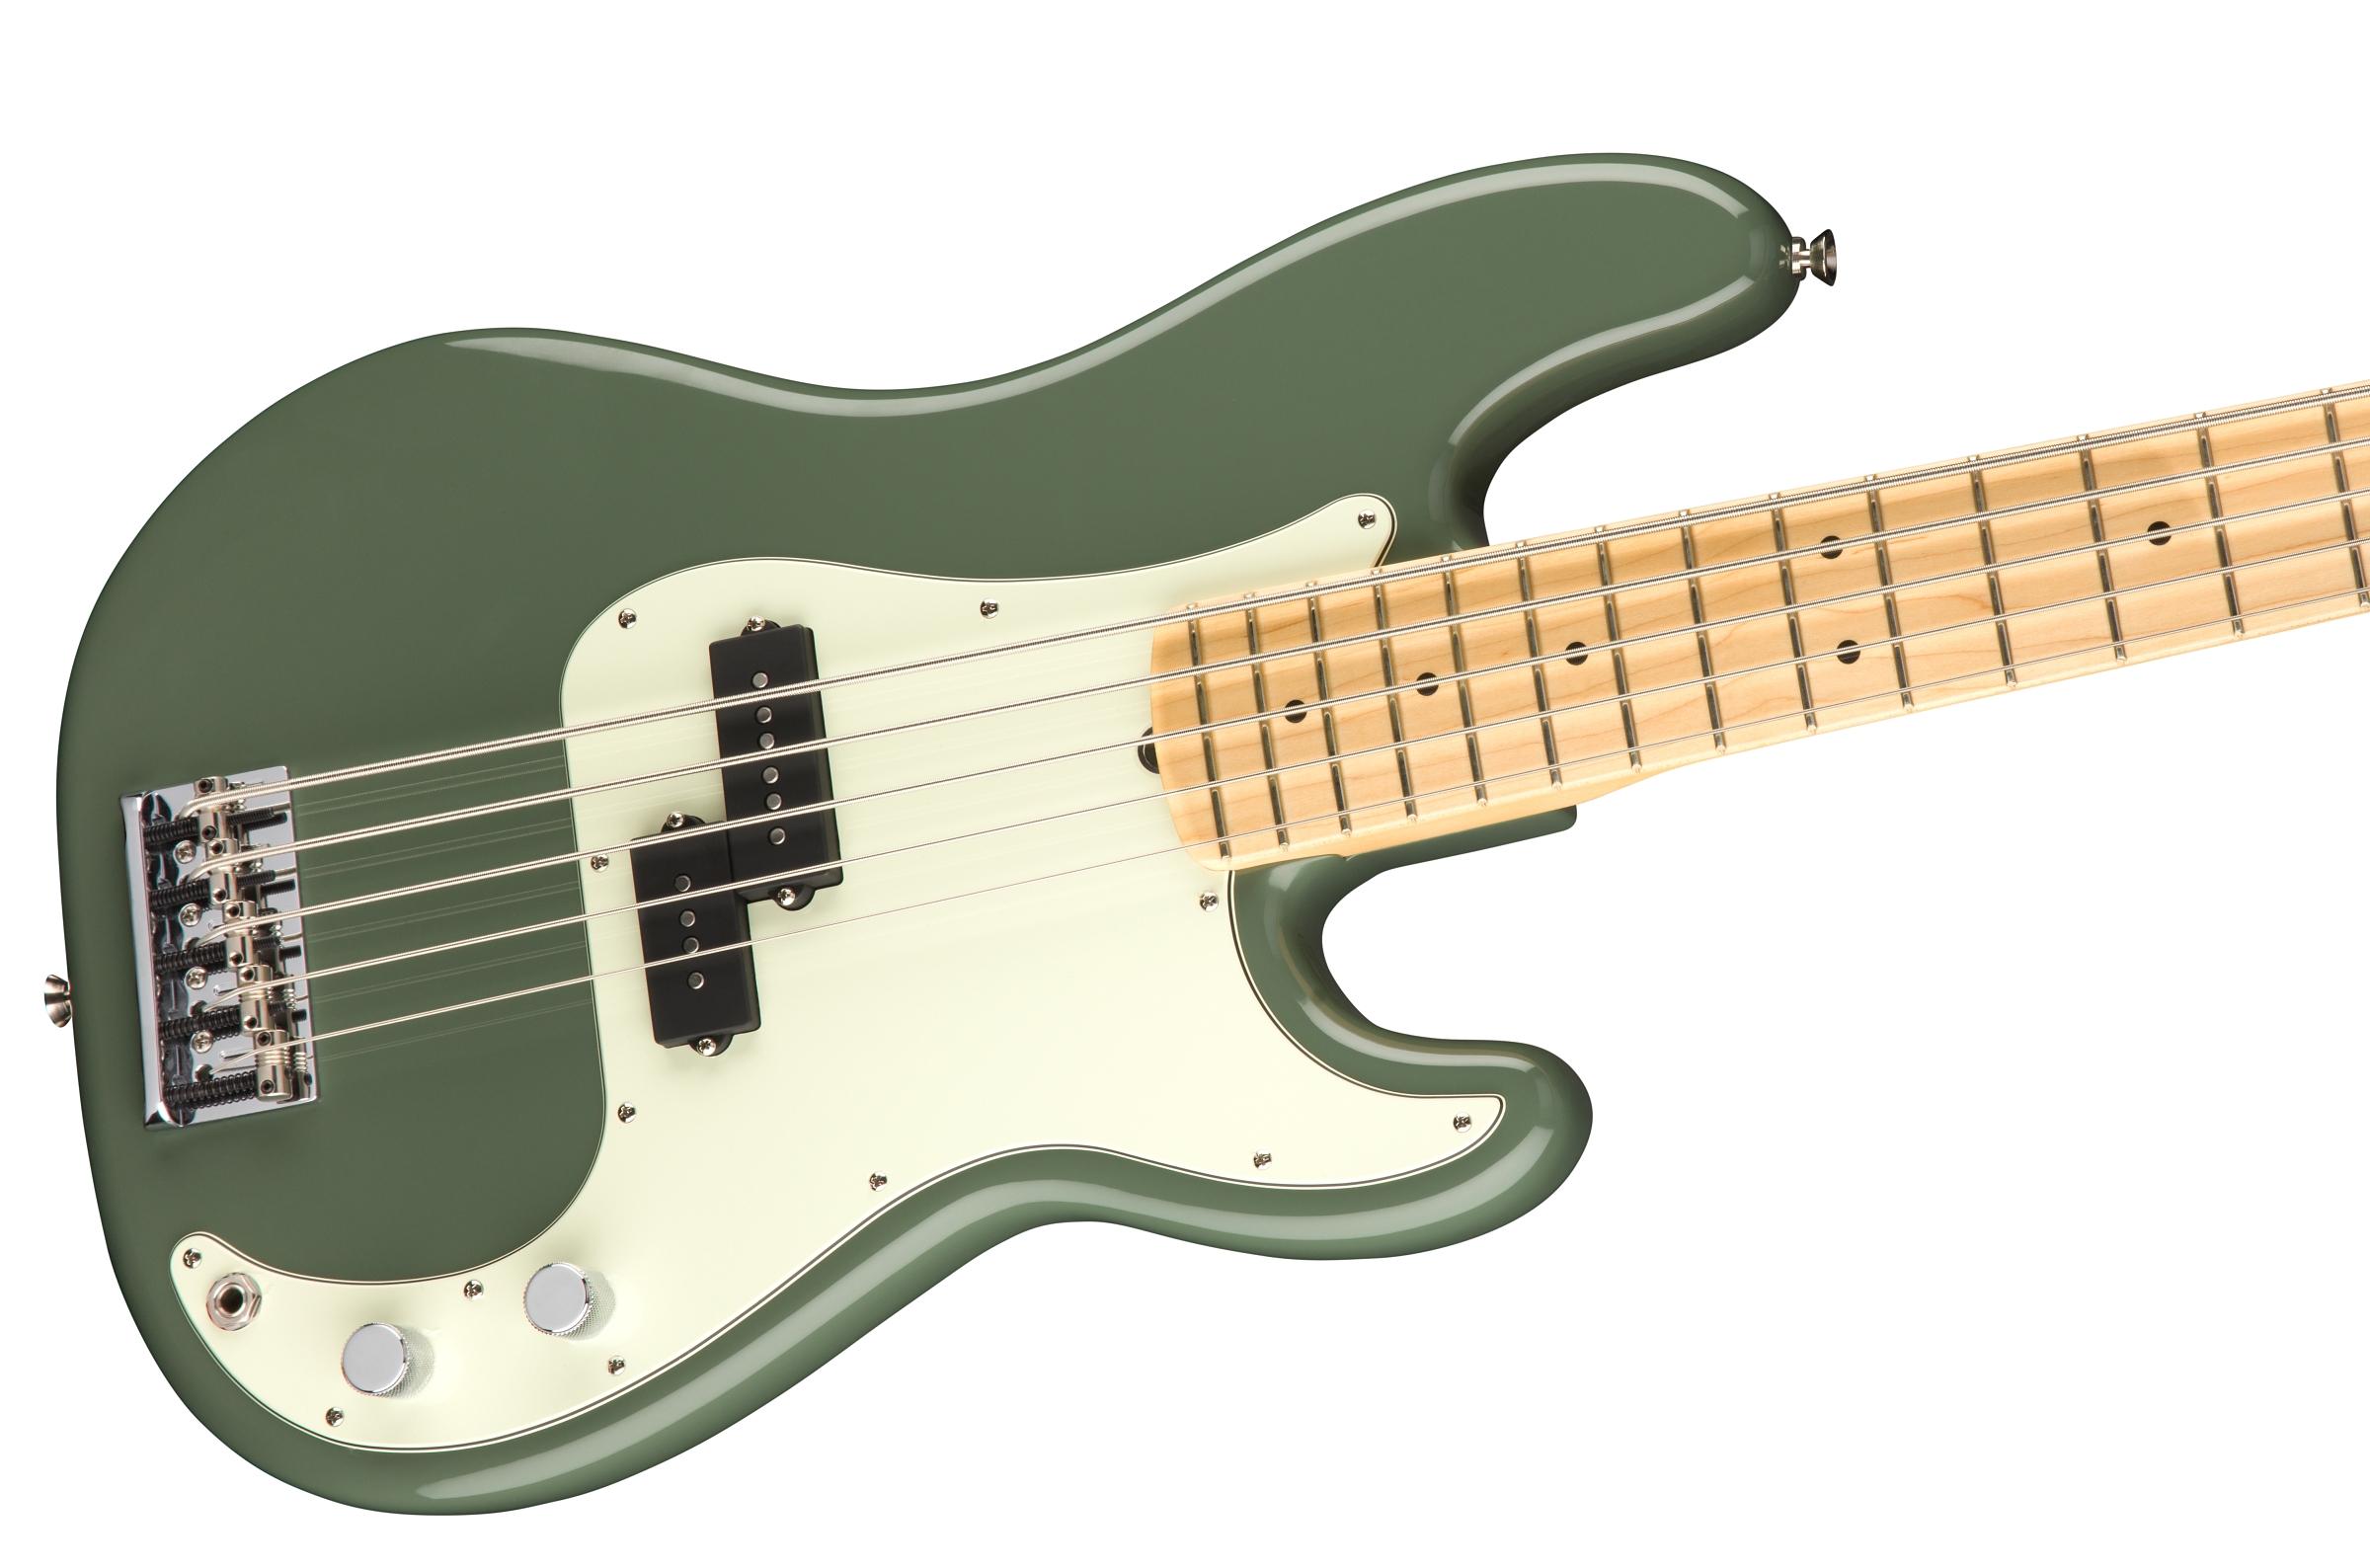 fender american pro precision bass v maple fingerboard antique olive. Black Bedroom Furniture Sets. Home Design Ideas